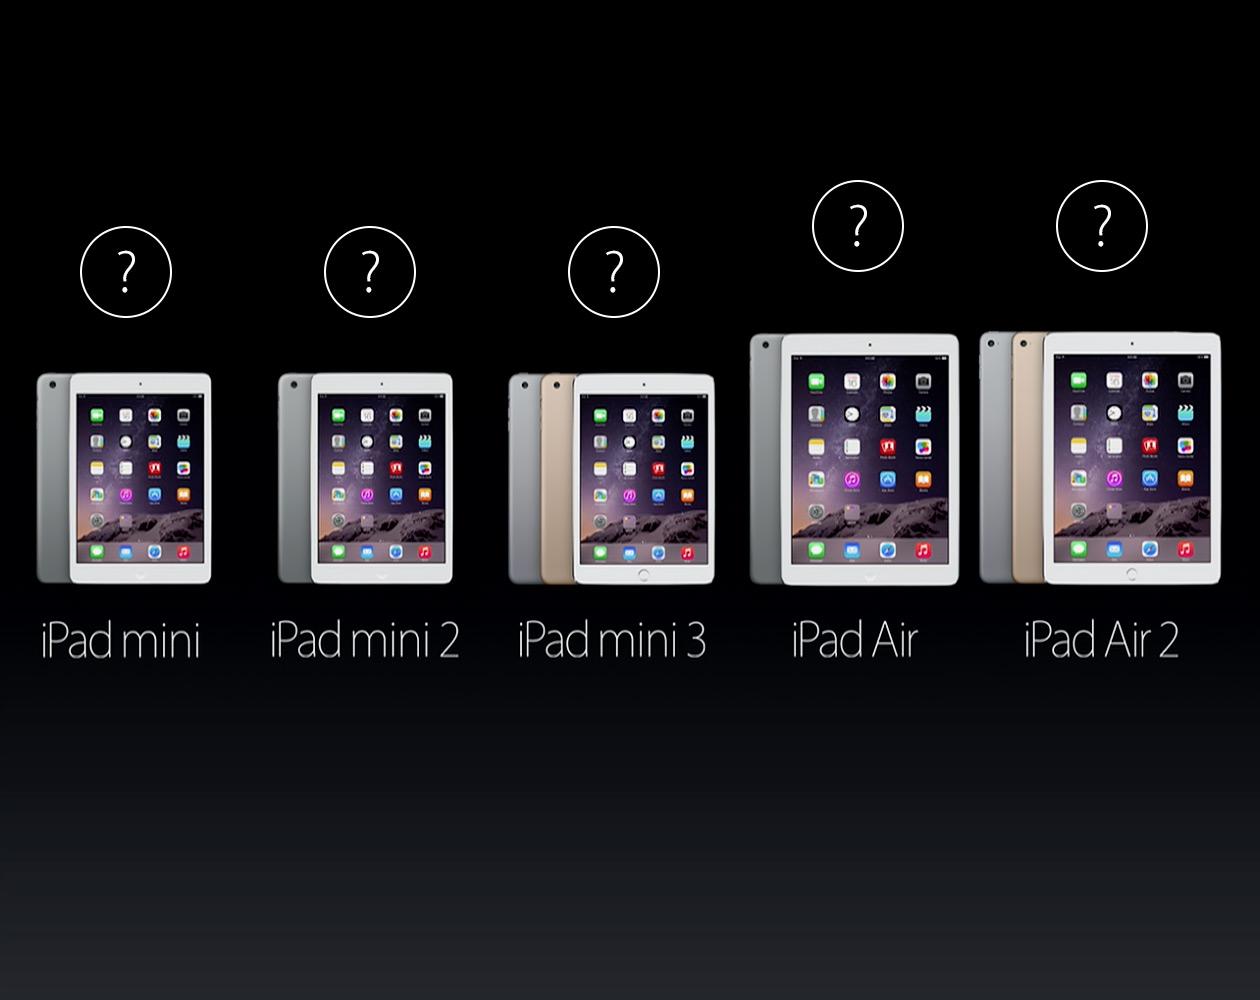 [Инфографика] 56 моделей iPad: какую выбрать?